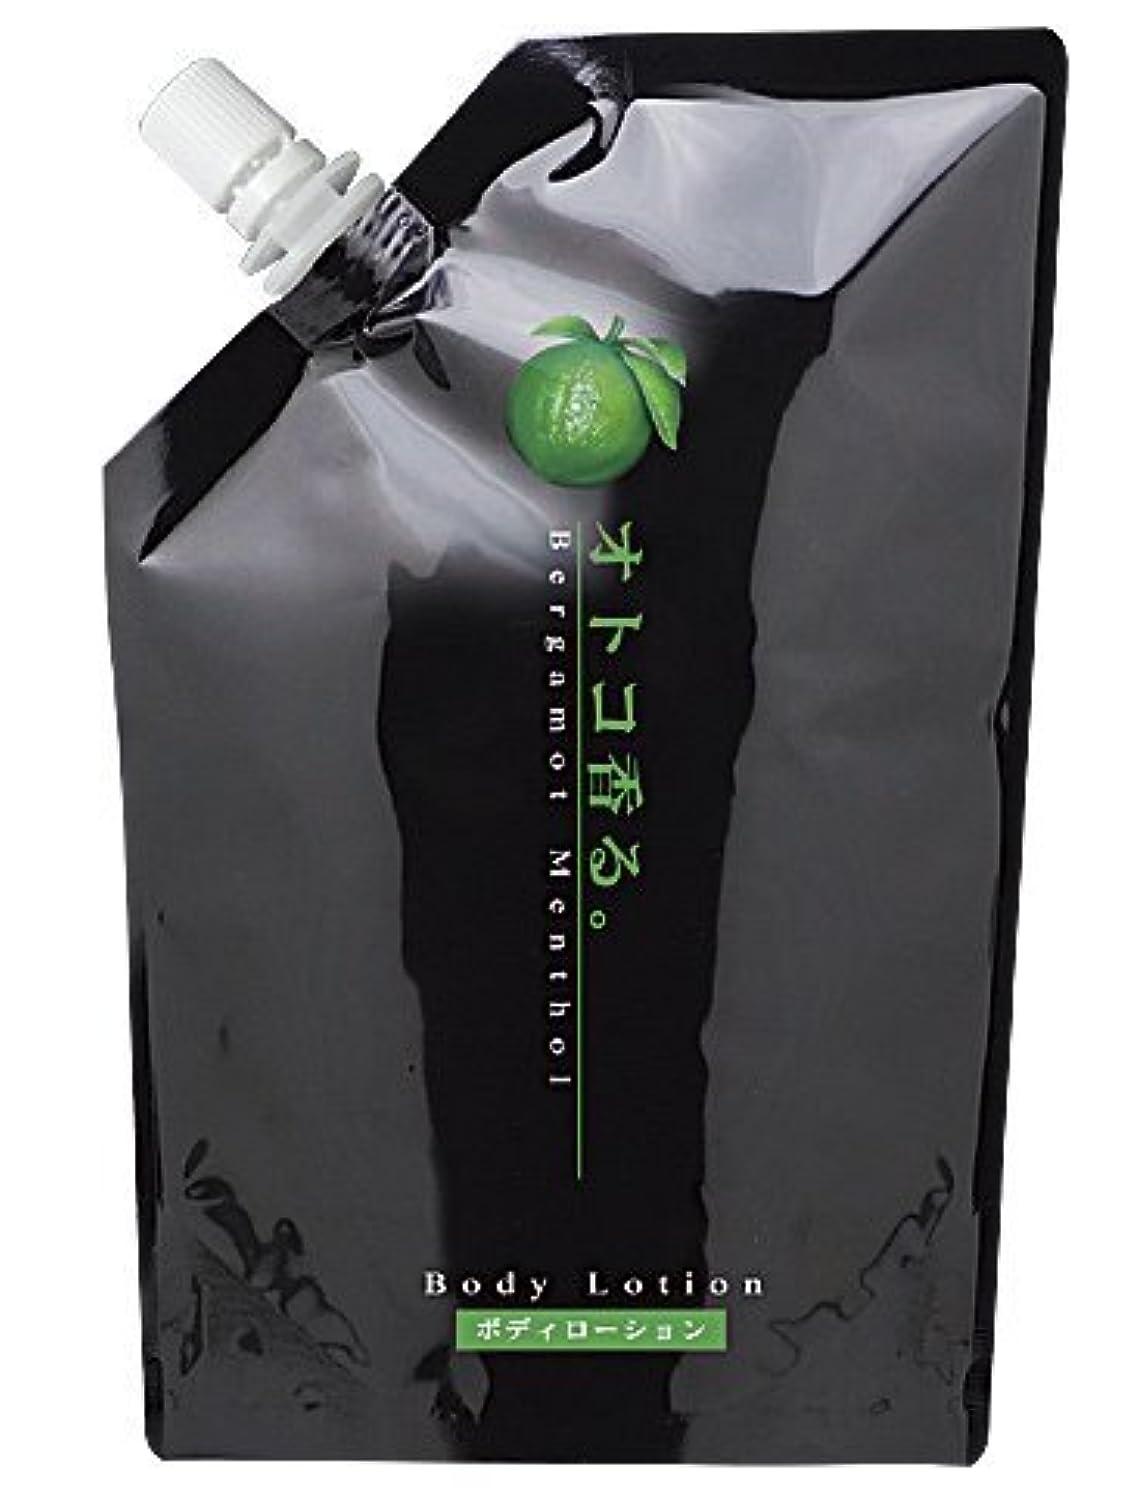 紳士エンドウ圧力kracie(クラシエ) オトコ香る ボディローション ベルガモットの香り 微香性 業務用 家庭様向け 500ml 補充サイズ